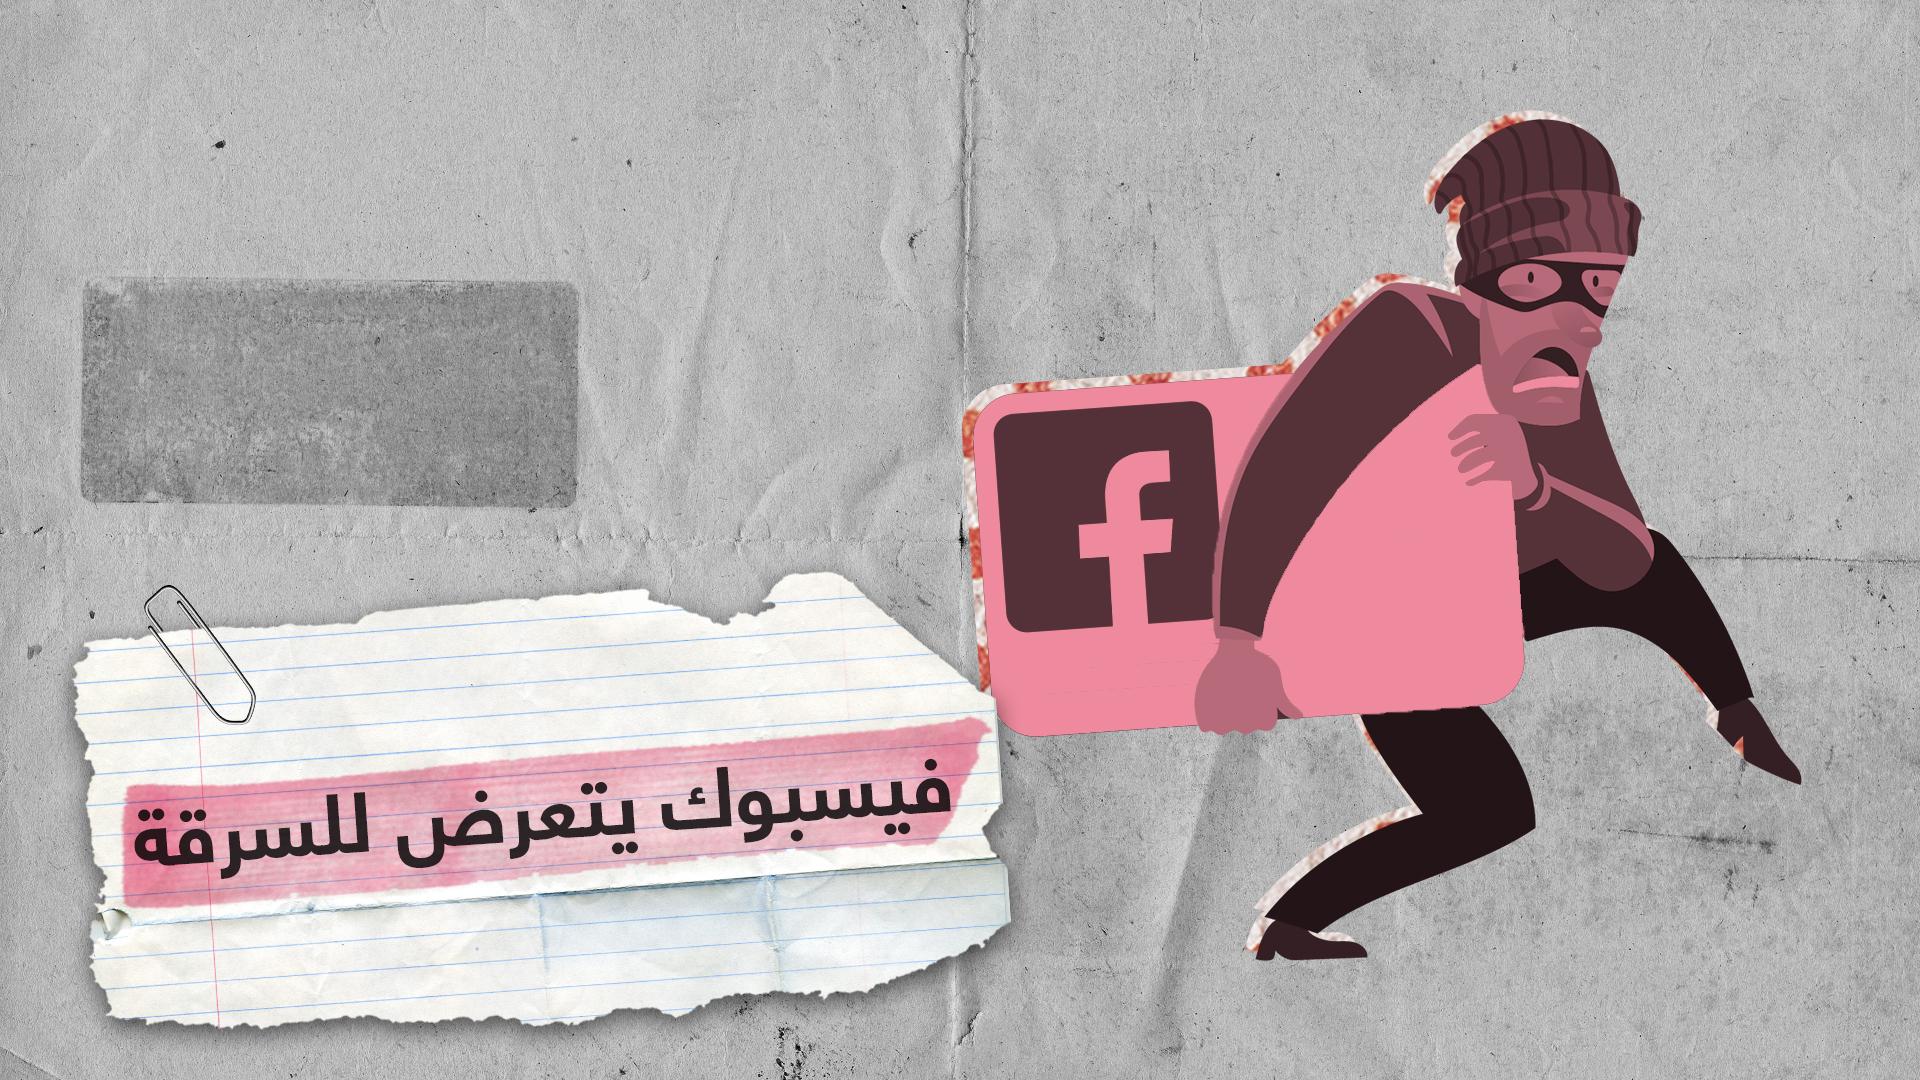 فضيحة.. فيسبوك يتعرض للسرقة ويعرض موظفيه للخطر!